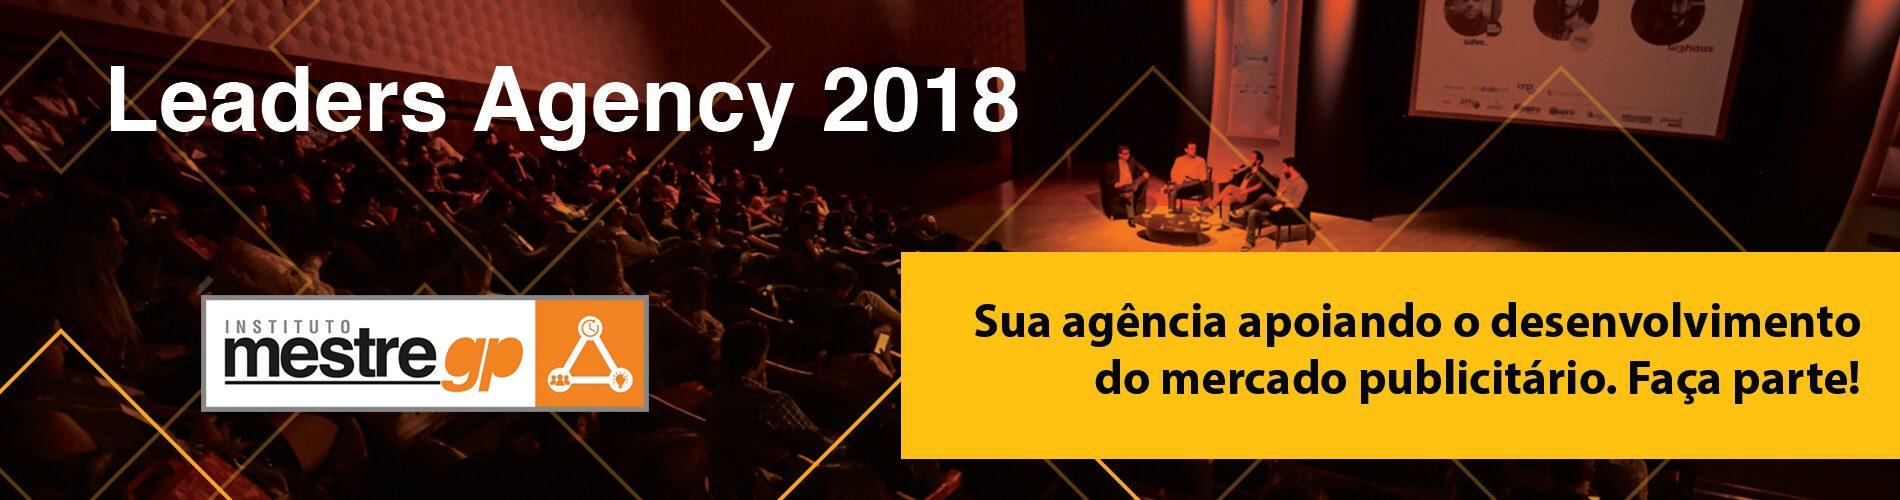 Leaders Agency 2018 - Sua agência apoiando o desenvolvimento do mercado publicitário.